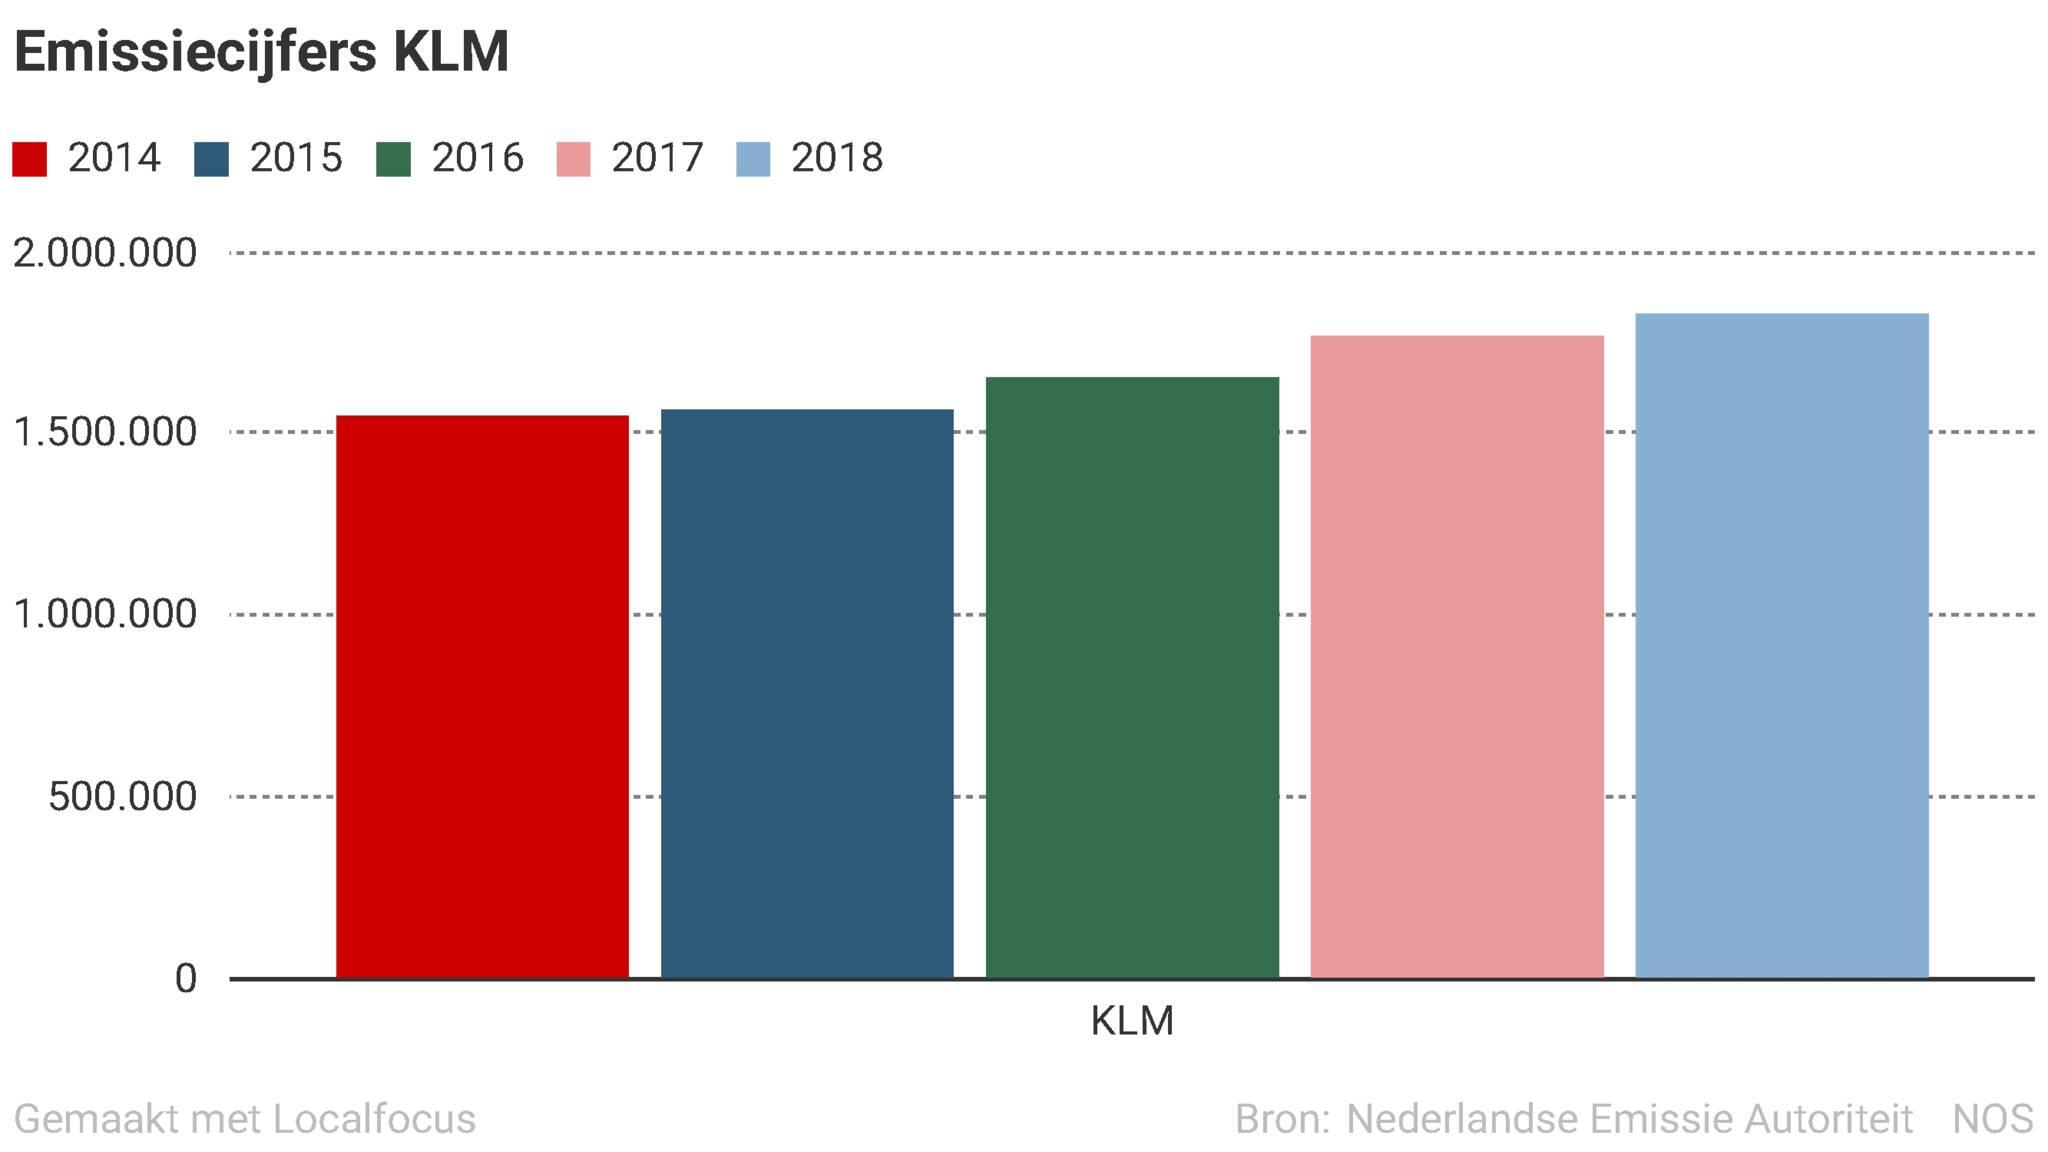 https://nos.nl/data/image/2019/07/14/563463/2048x1152.jpg